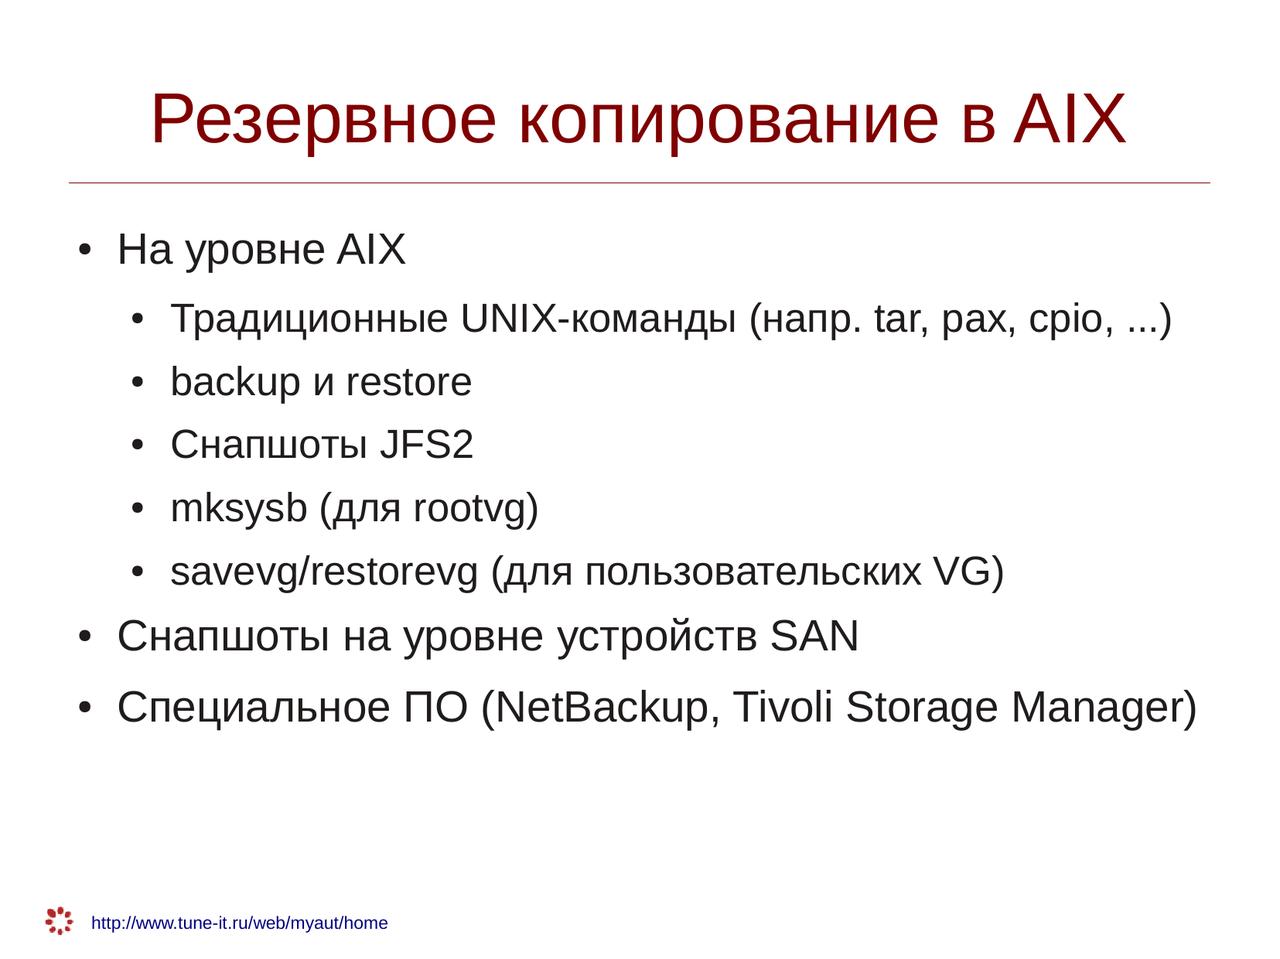 Материалы к мини-семинару по AIX - Blog - Tune IT